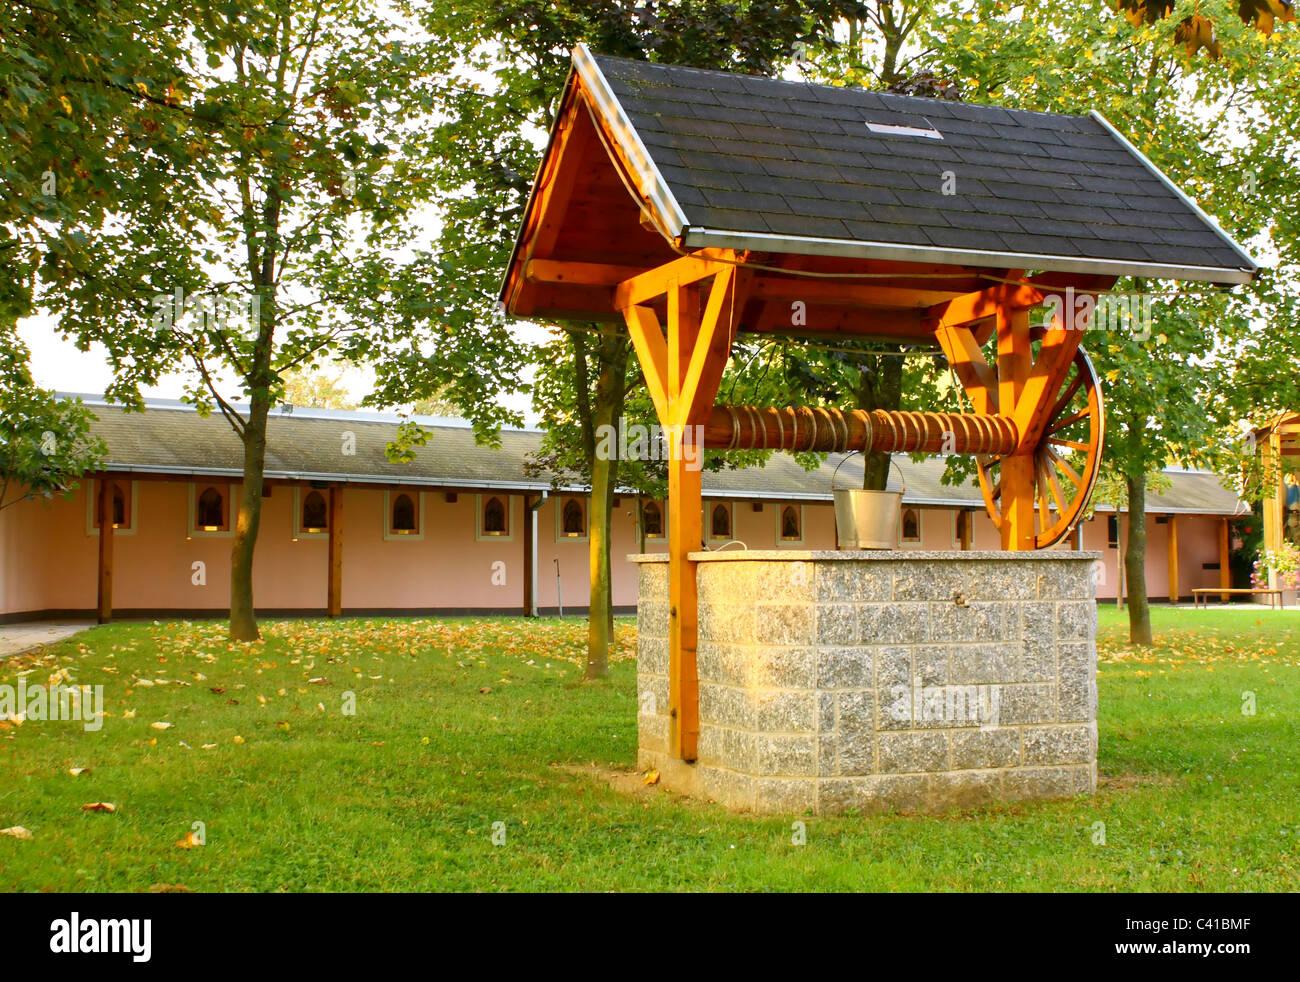 Traditionelle Wasser-Brunnen, Wasserversorgung auf alte Art und Weise Stockbild